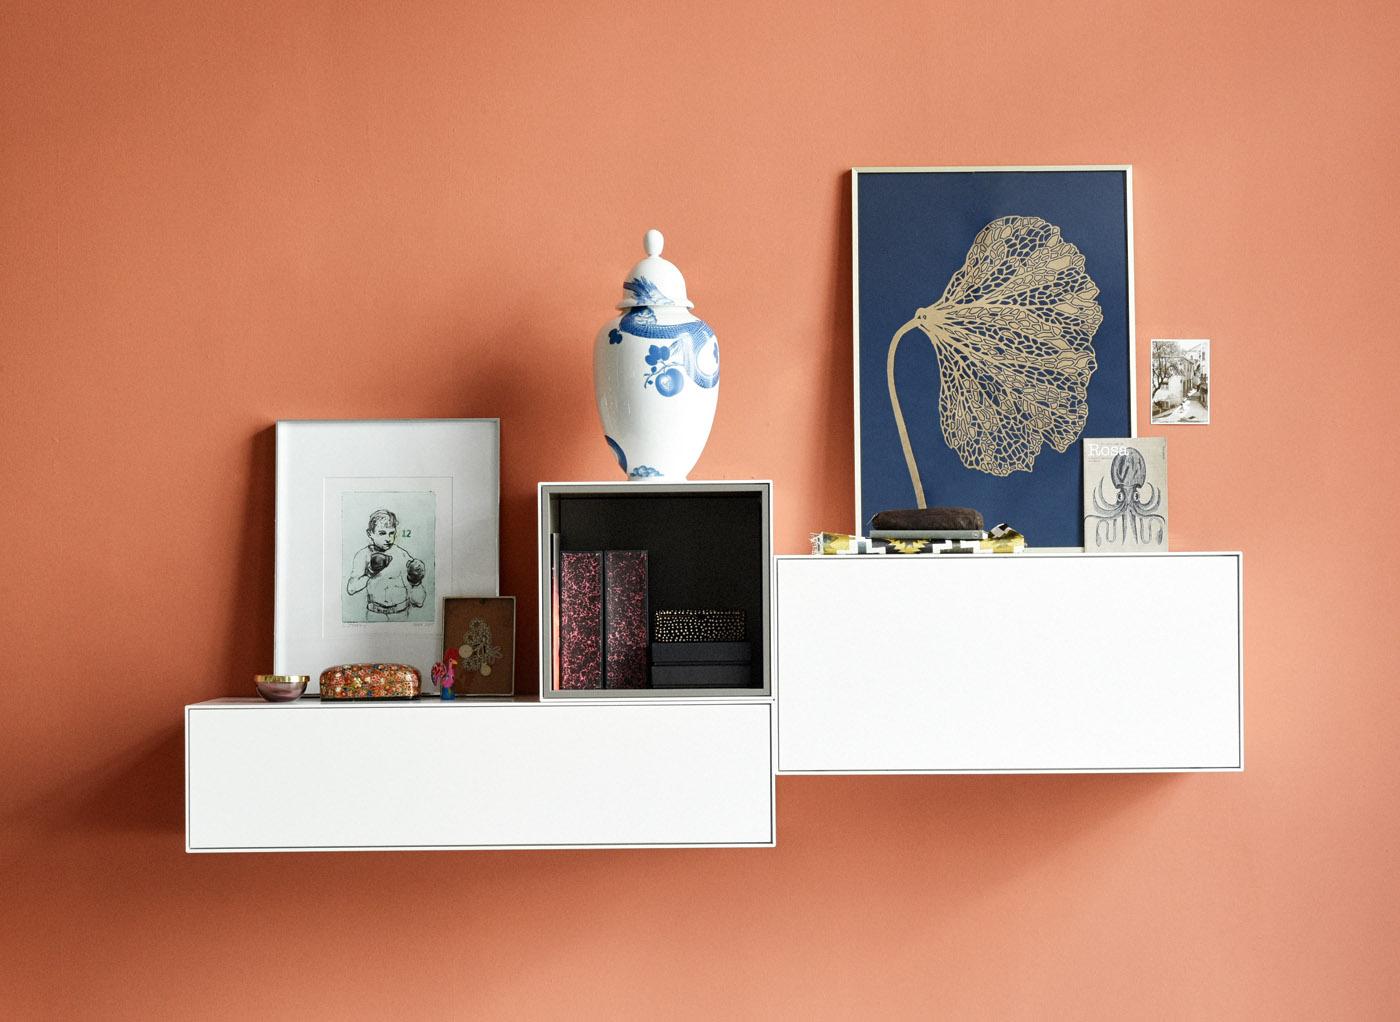 Bei reim Wohndesign gibt es schöne Wohnaccessoires und Kleinmöbel für die individuelle Einrichtung.